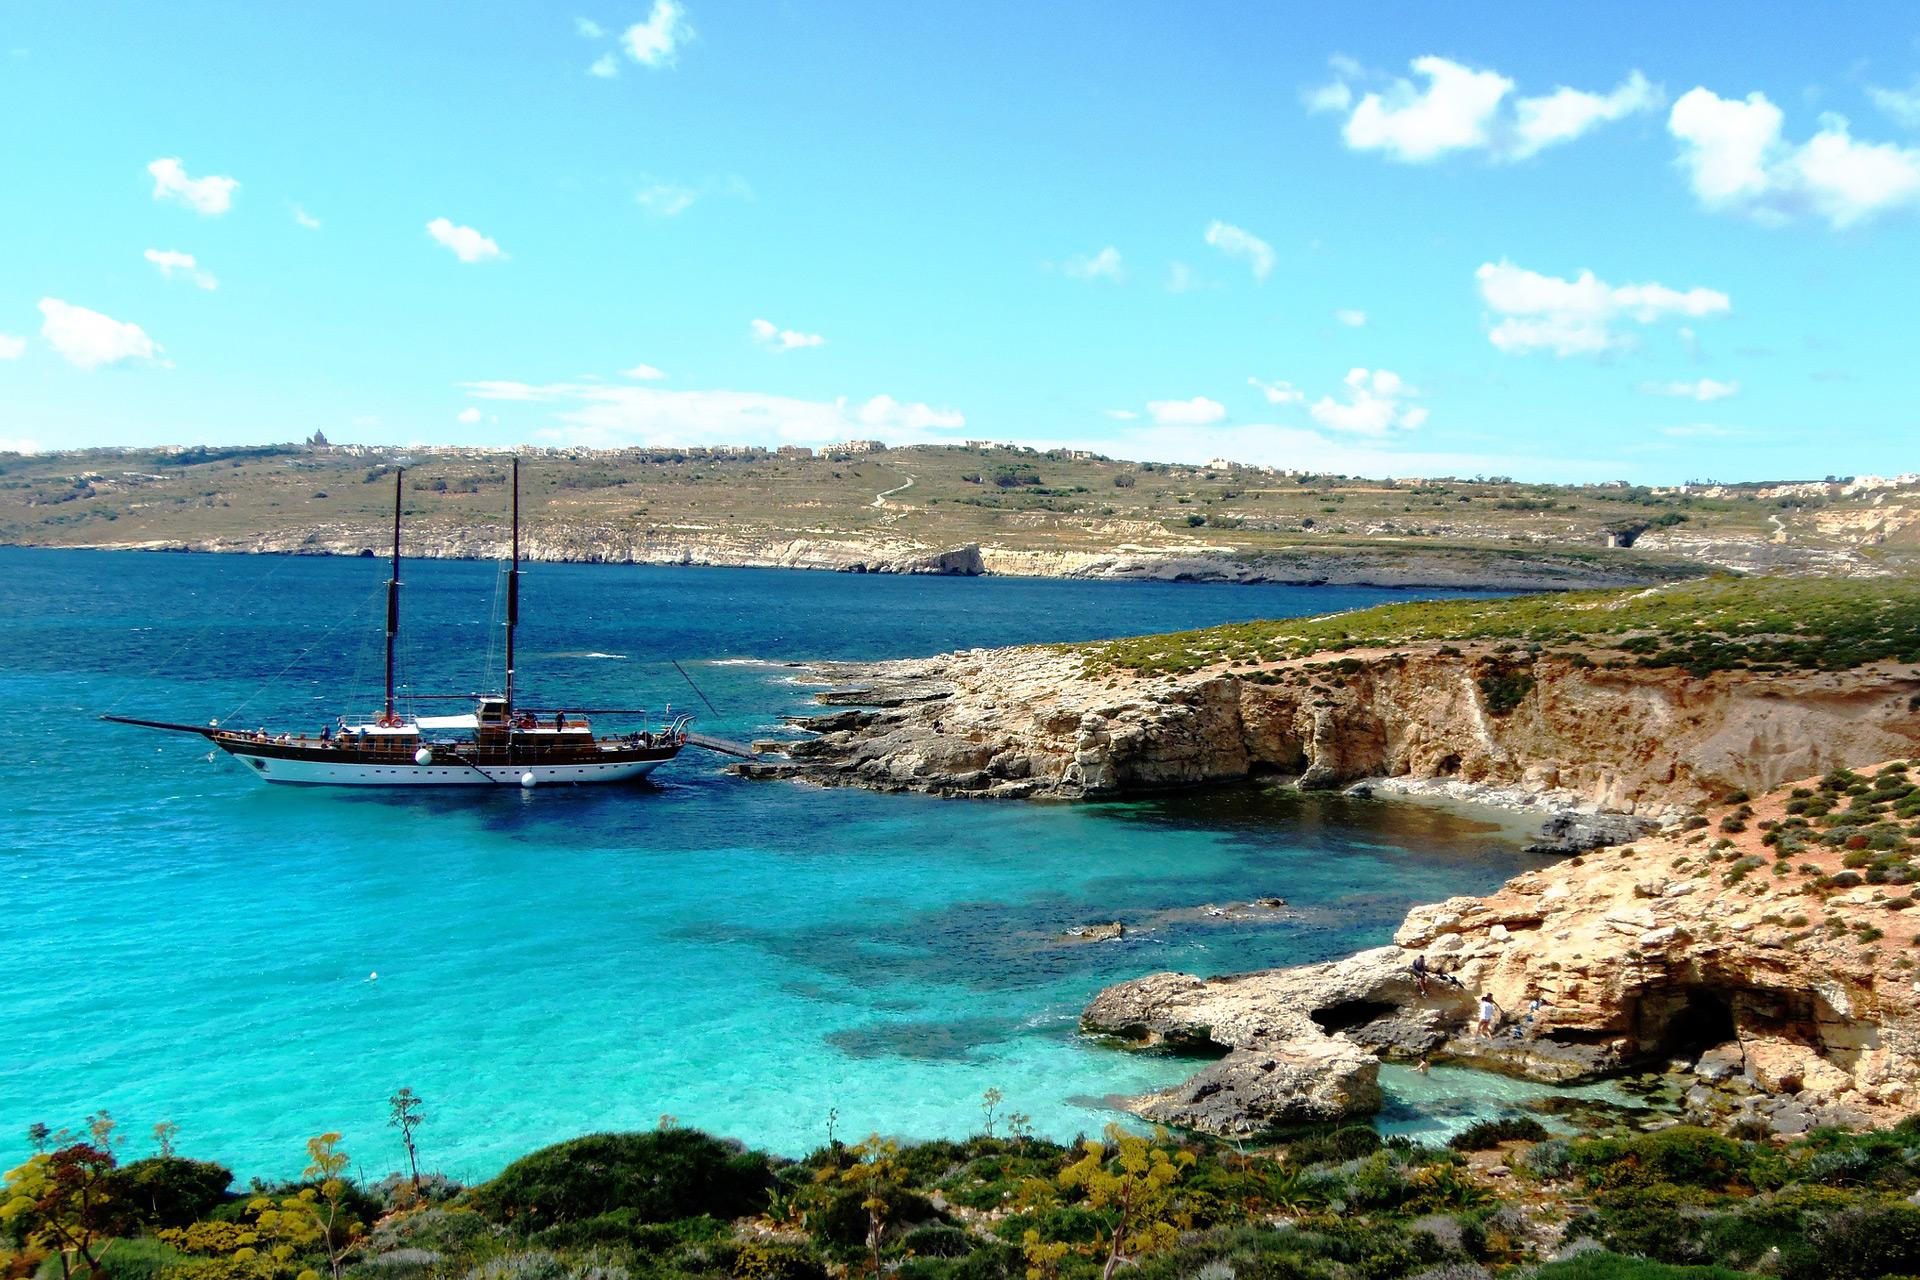 Séjour à Malte dès 428€ cet été avec vol direct de Lyon, hôtel 4*, petit déj, piscine & spa